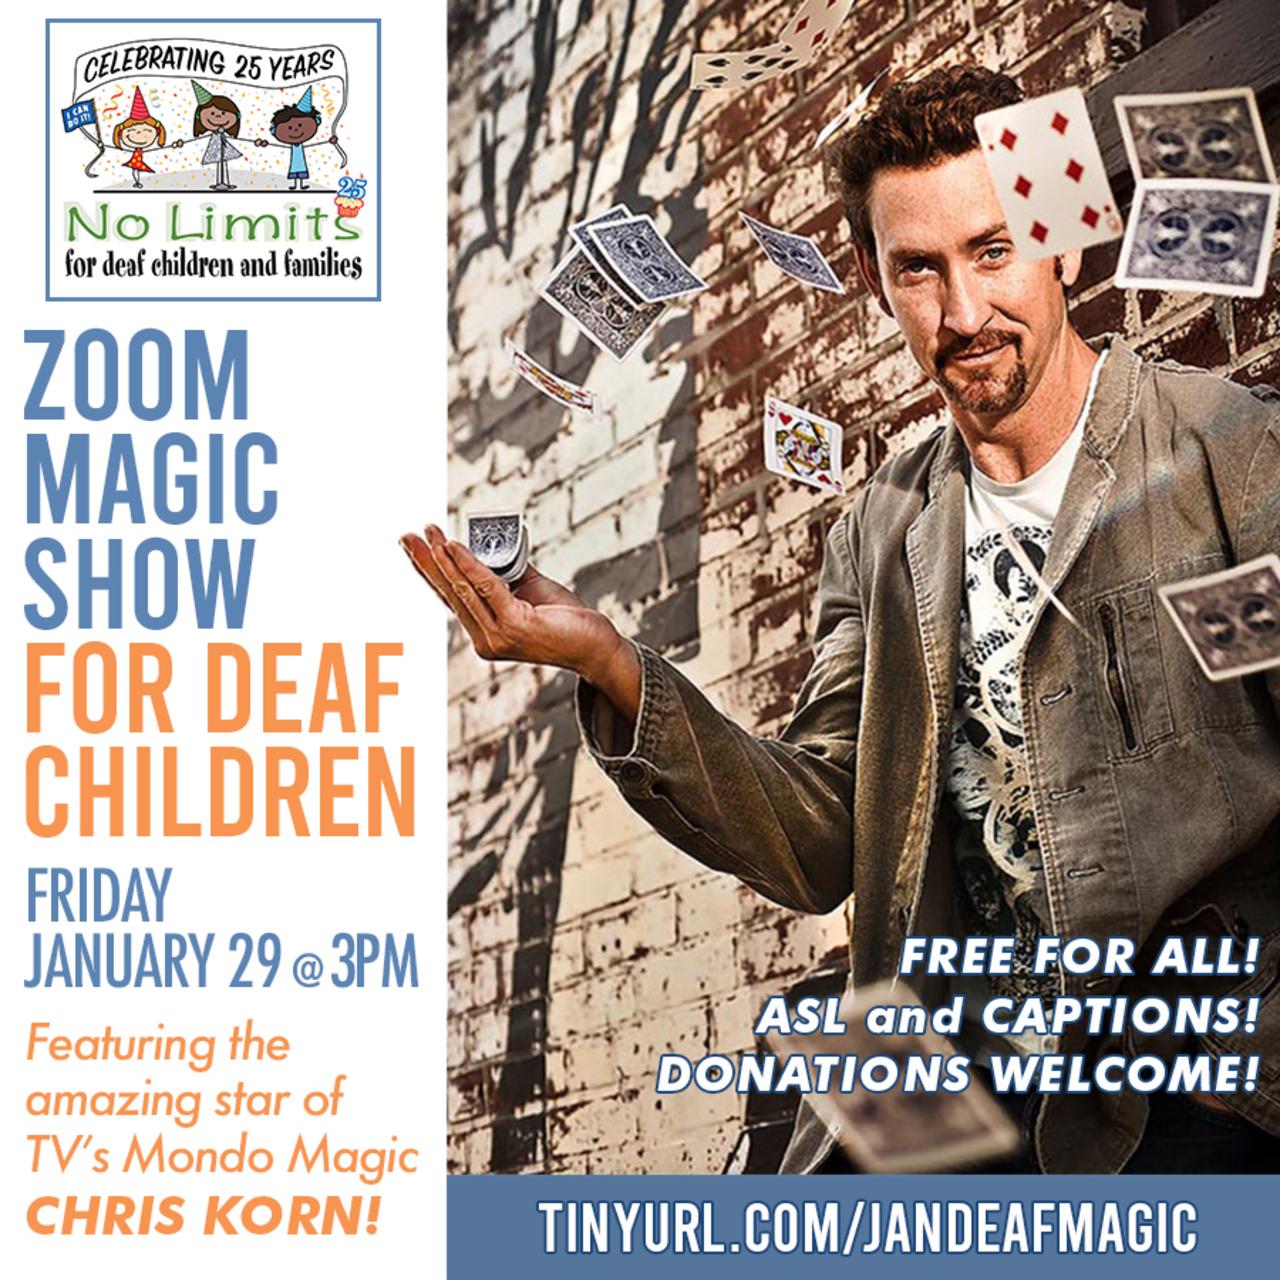 No Limits Magic Show for deaf children